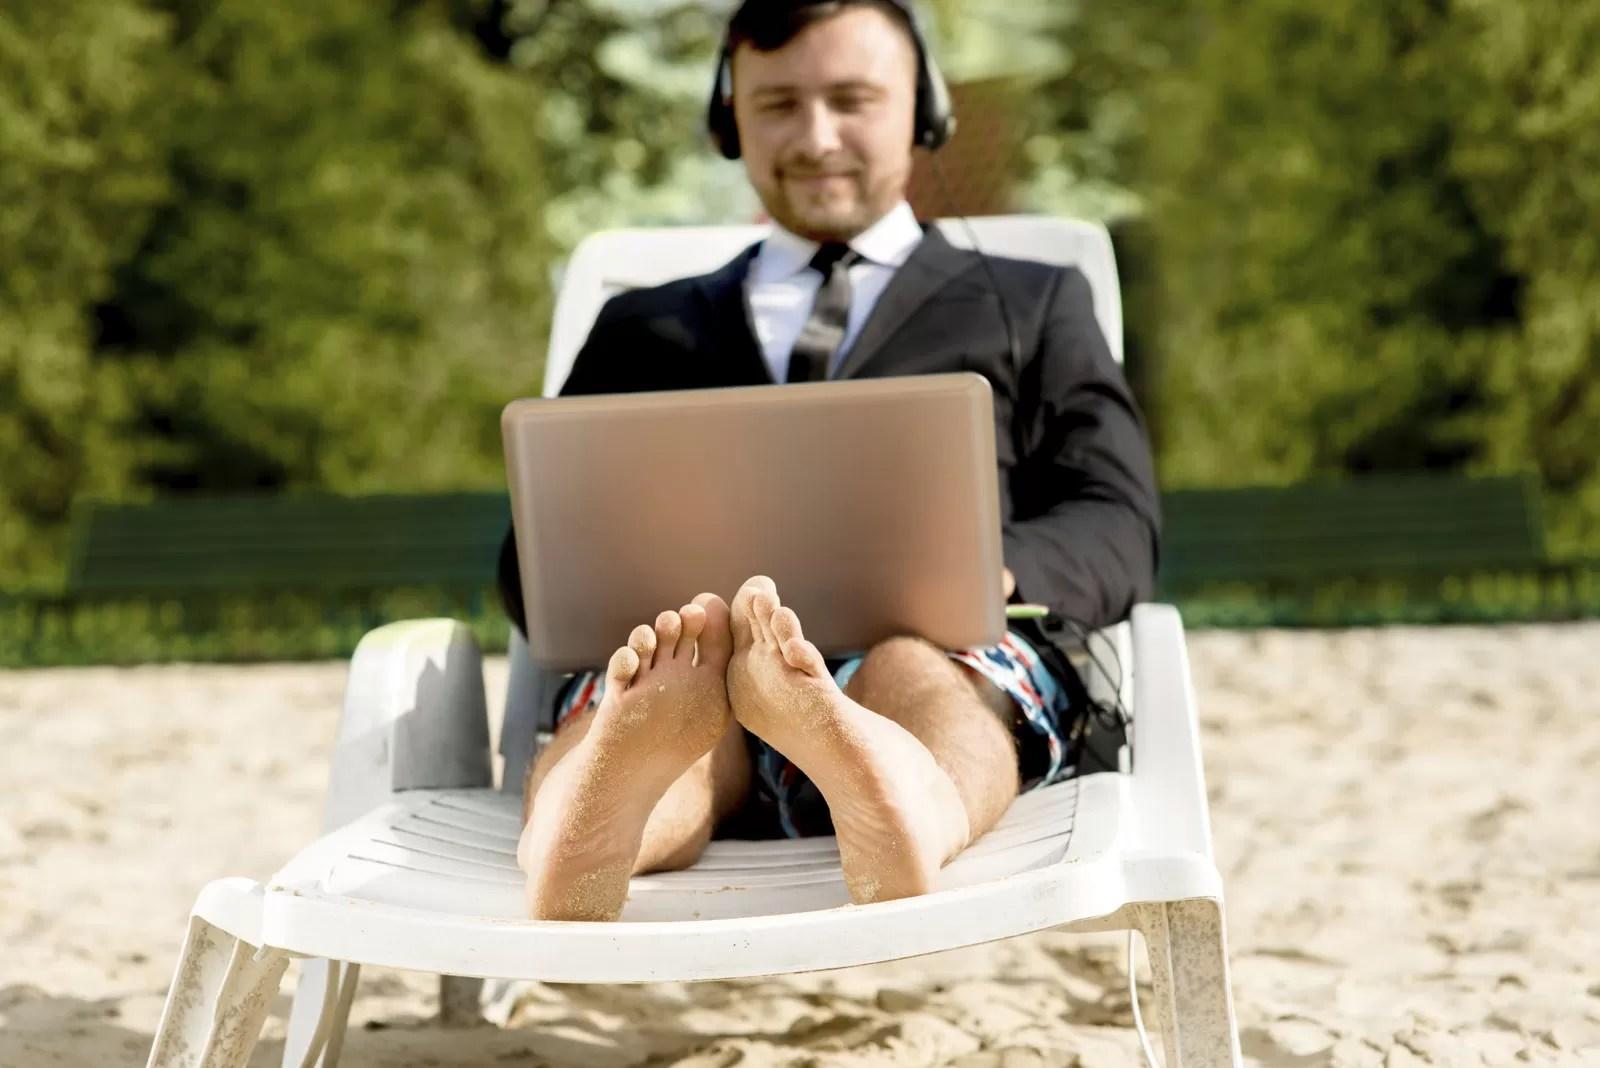 Escritório itinerante - que mistura praia, parques e coworking divertidos - é a nova aposta dos jovens empreendedores (Imagem via)